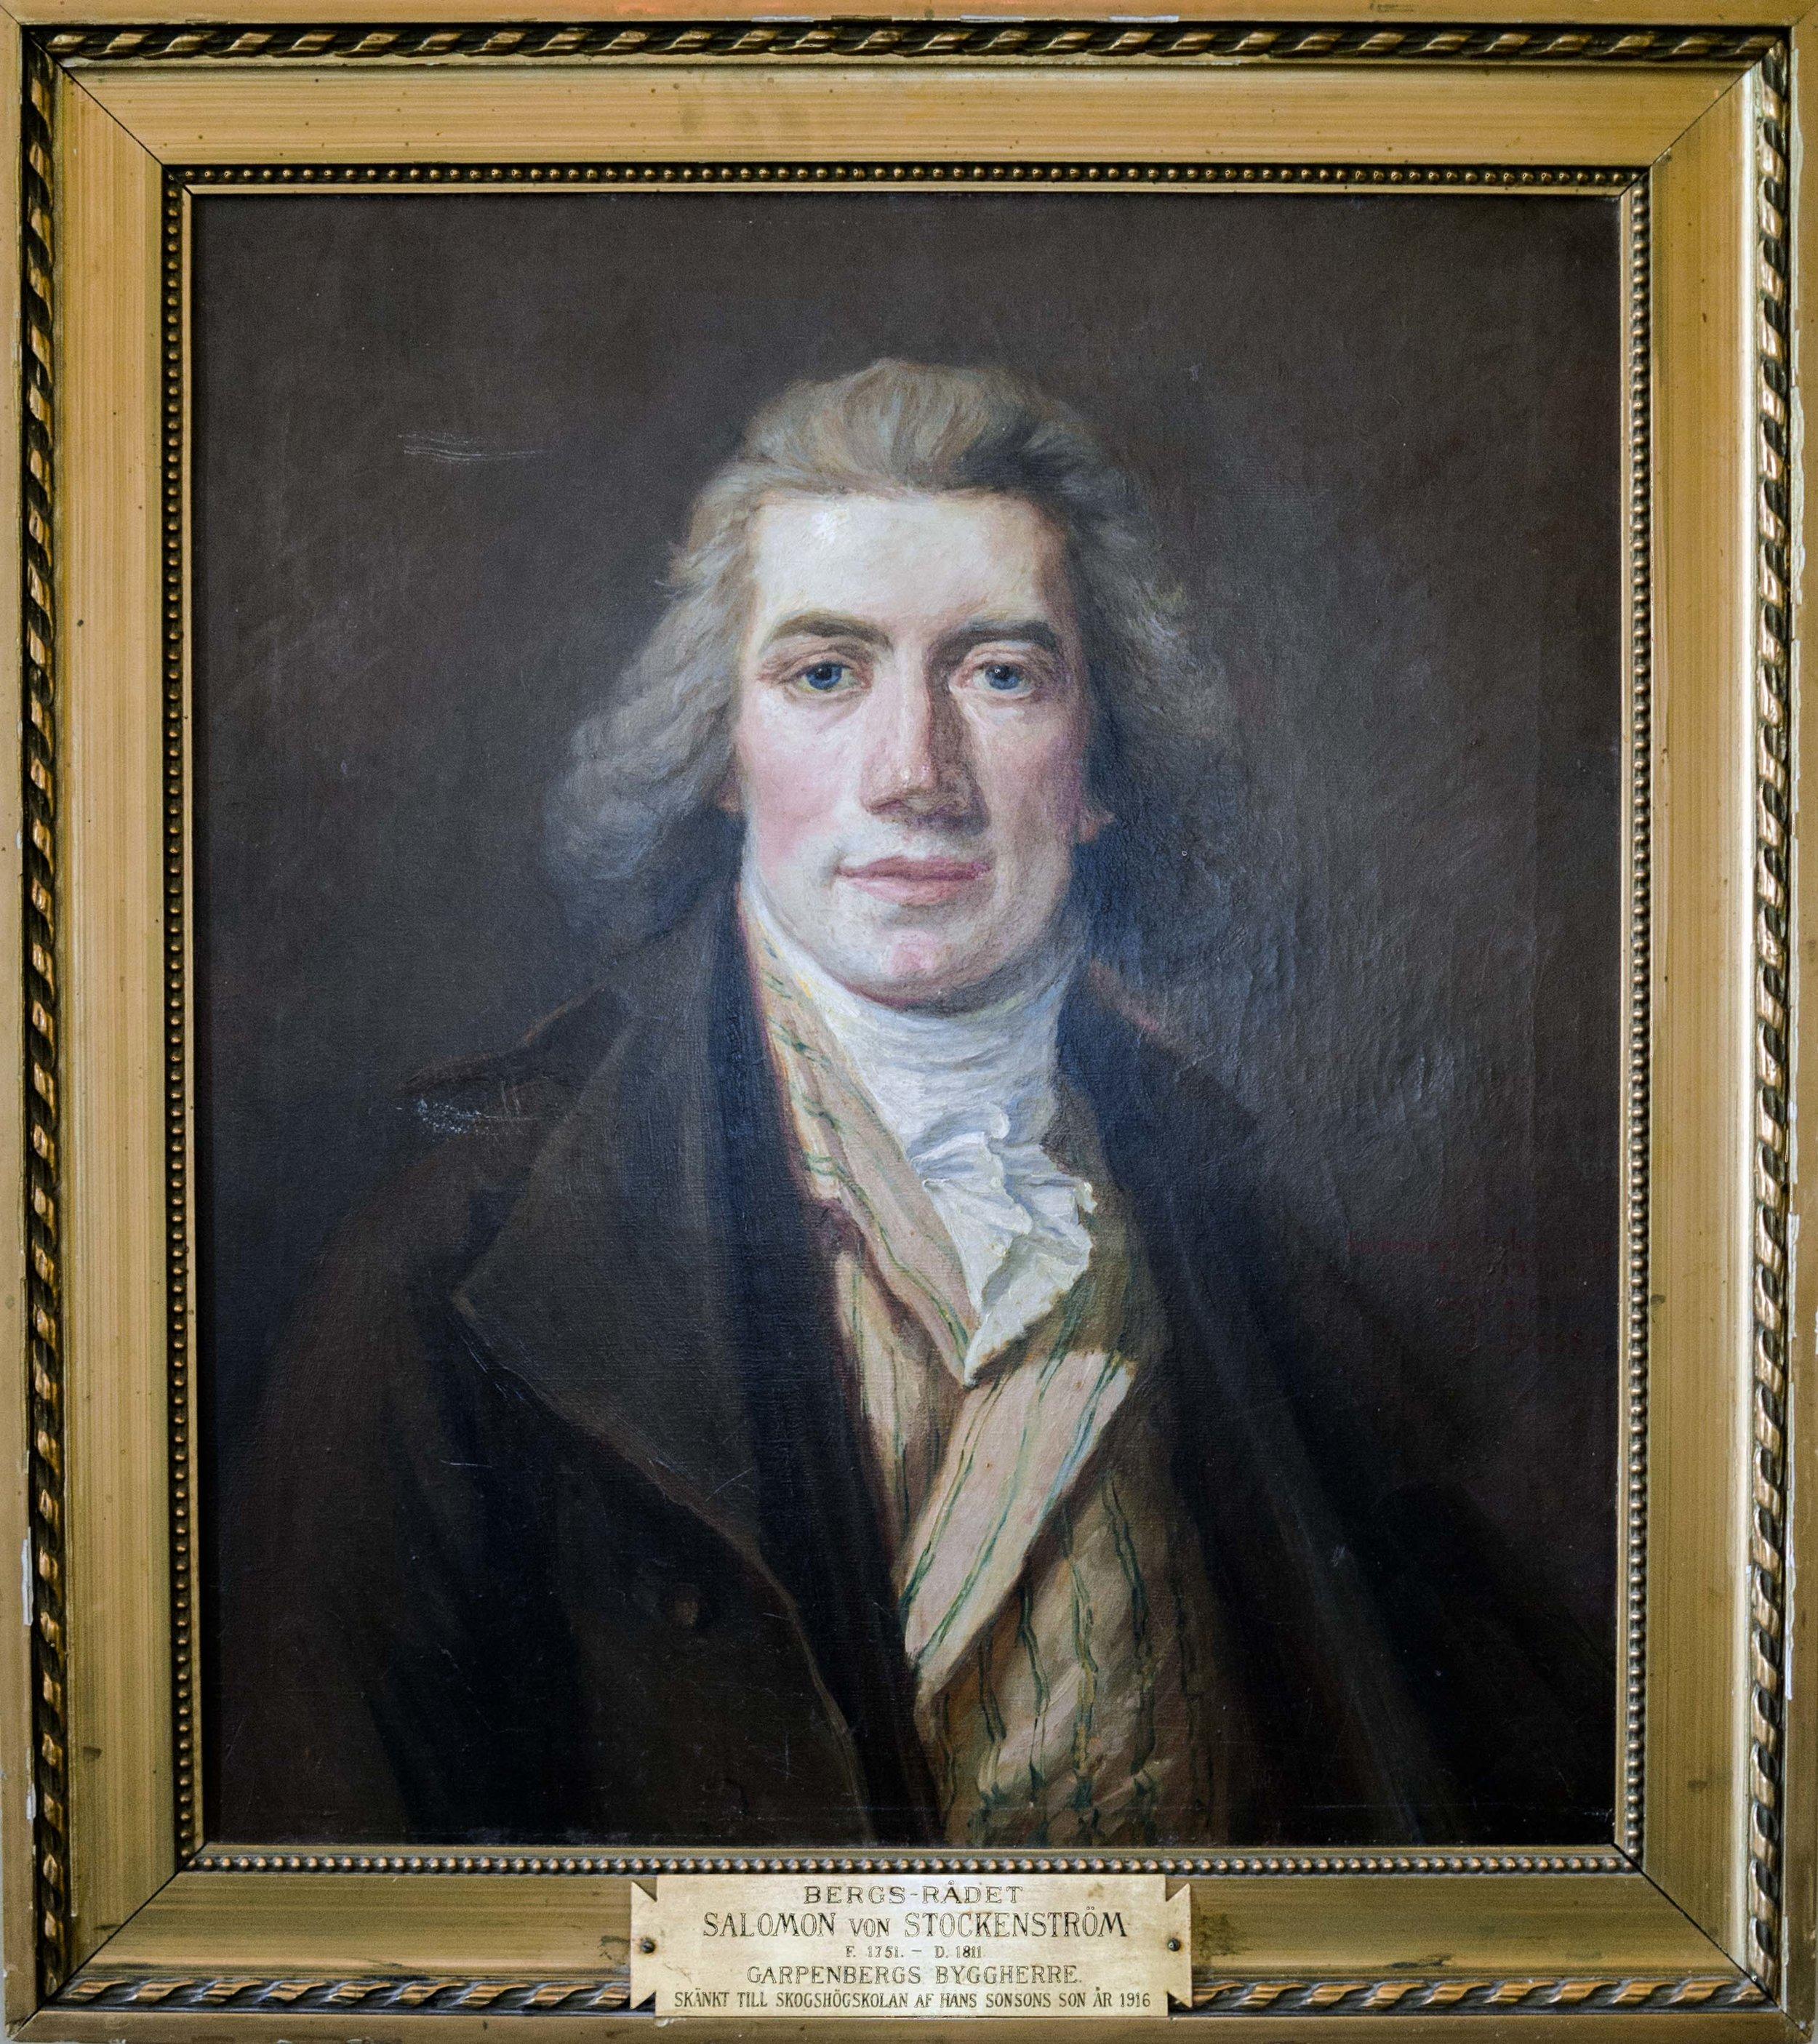 Salomon Von Stockenström